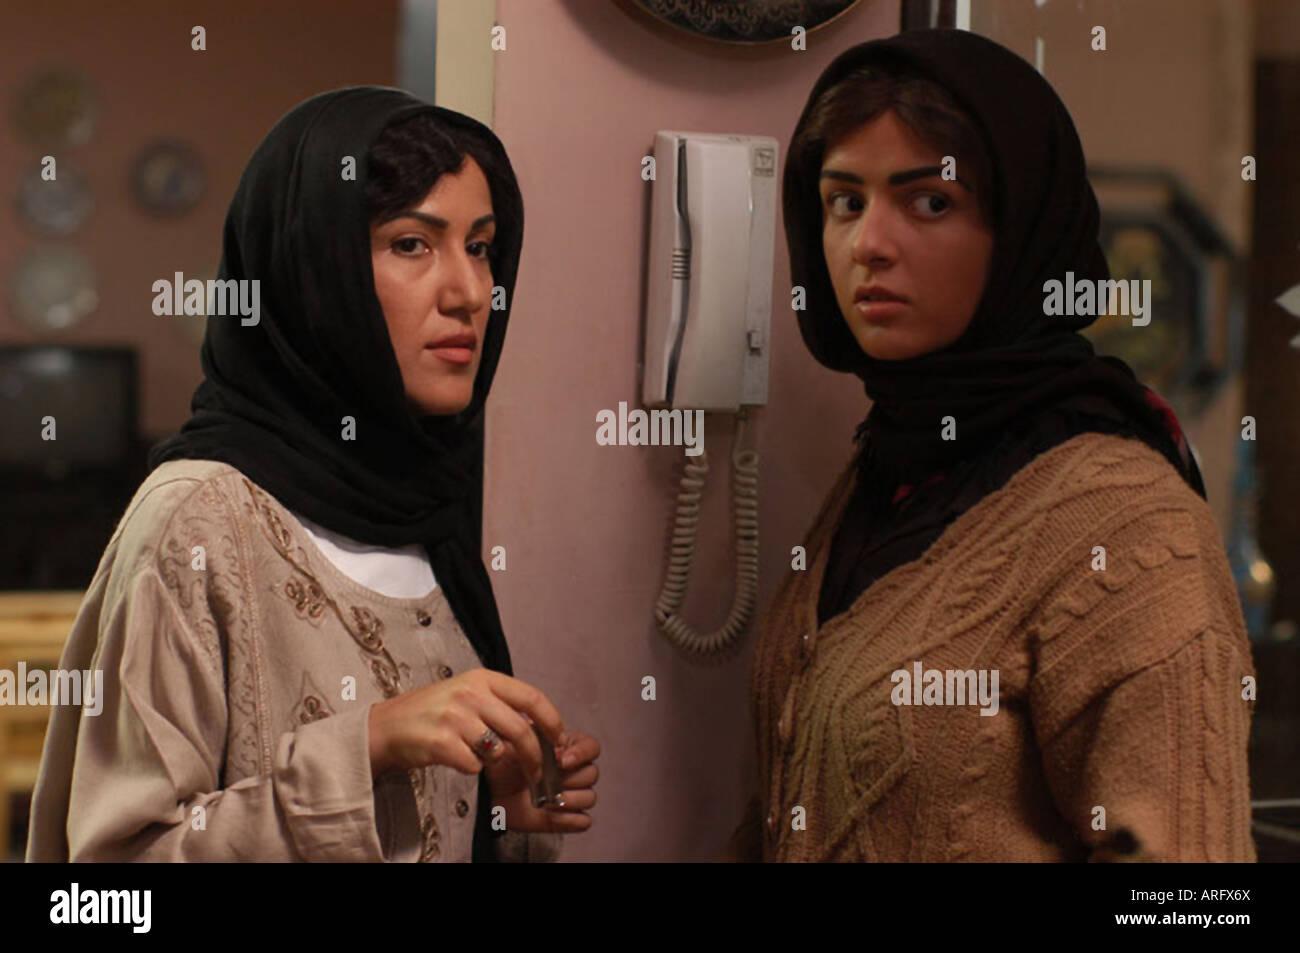 Watch Hedyeh Tehrani video